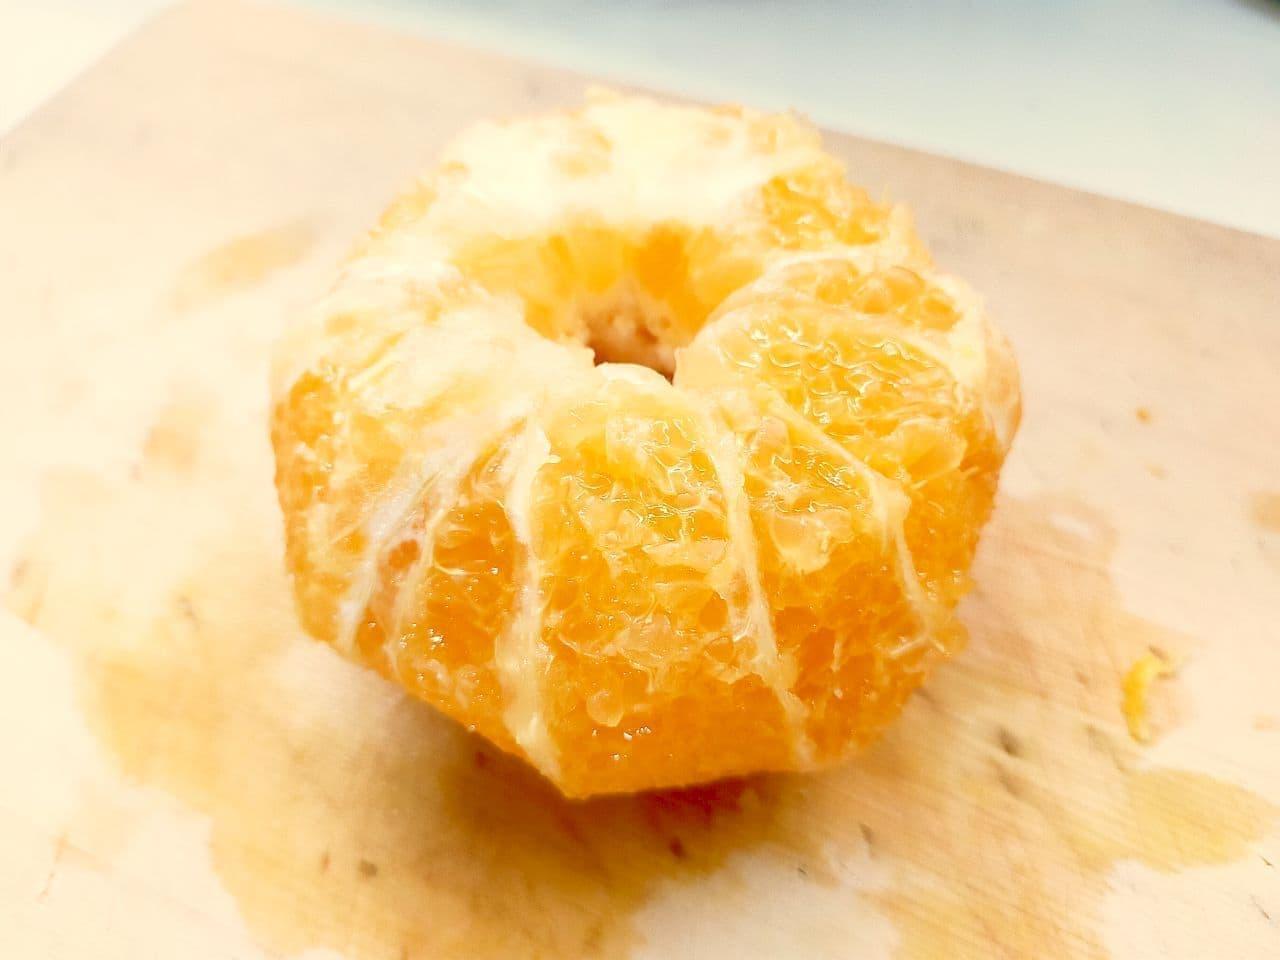 オレンジの皮のむき方